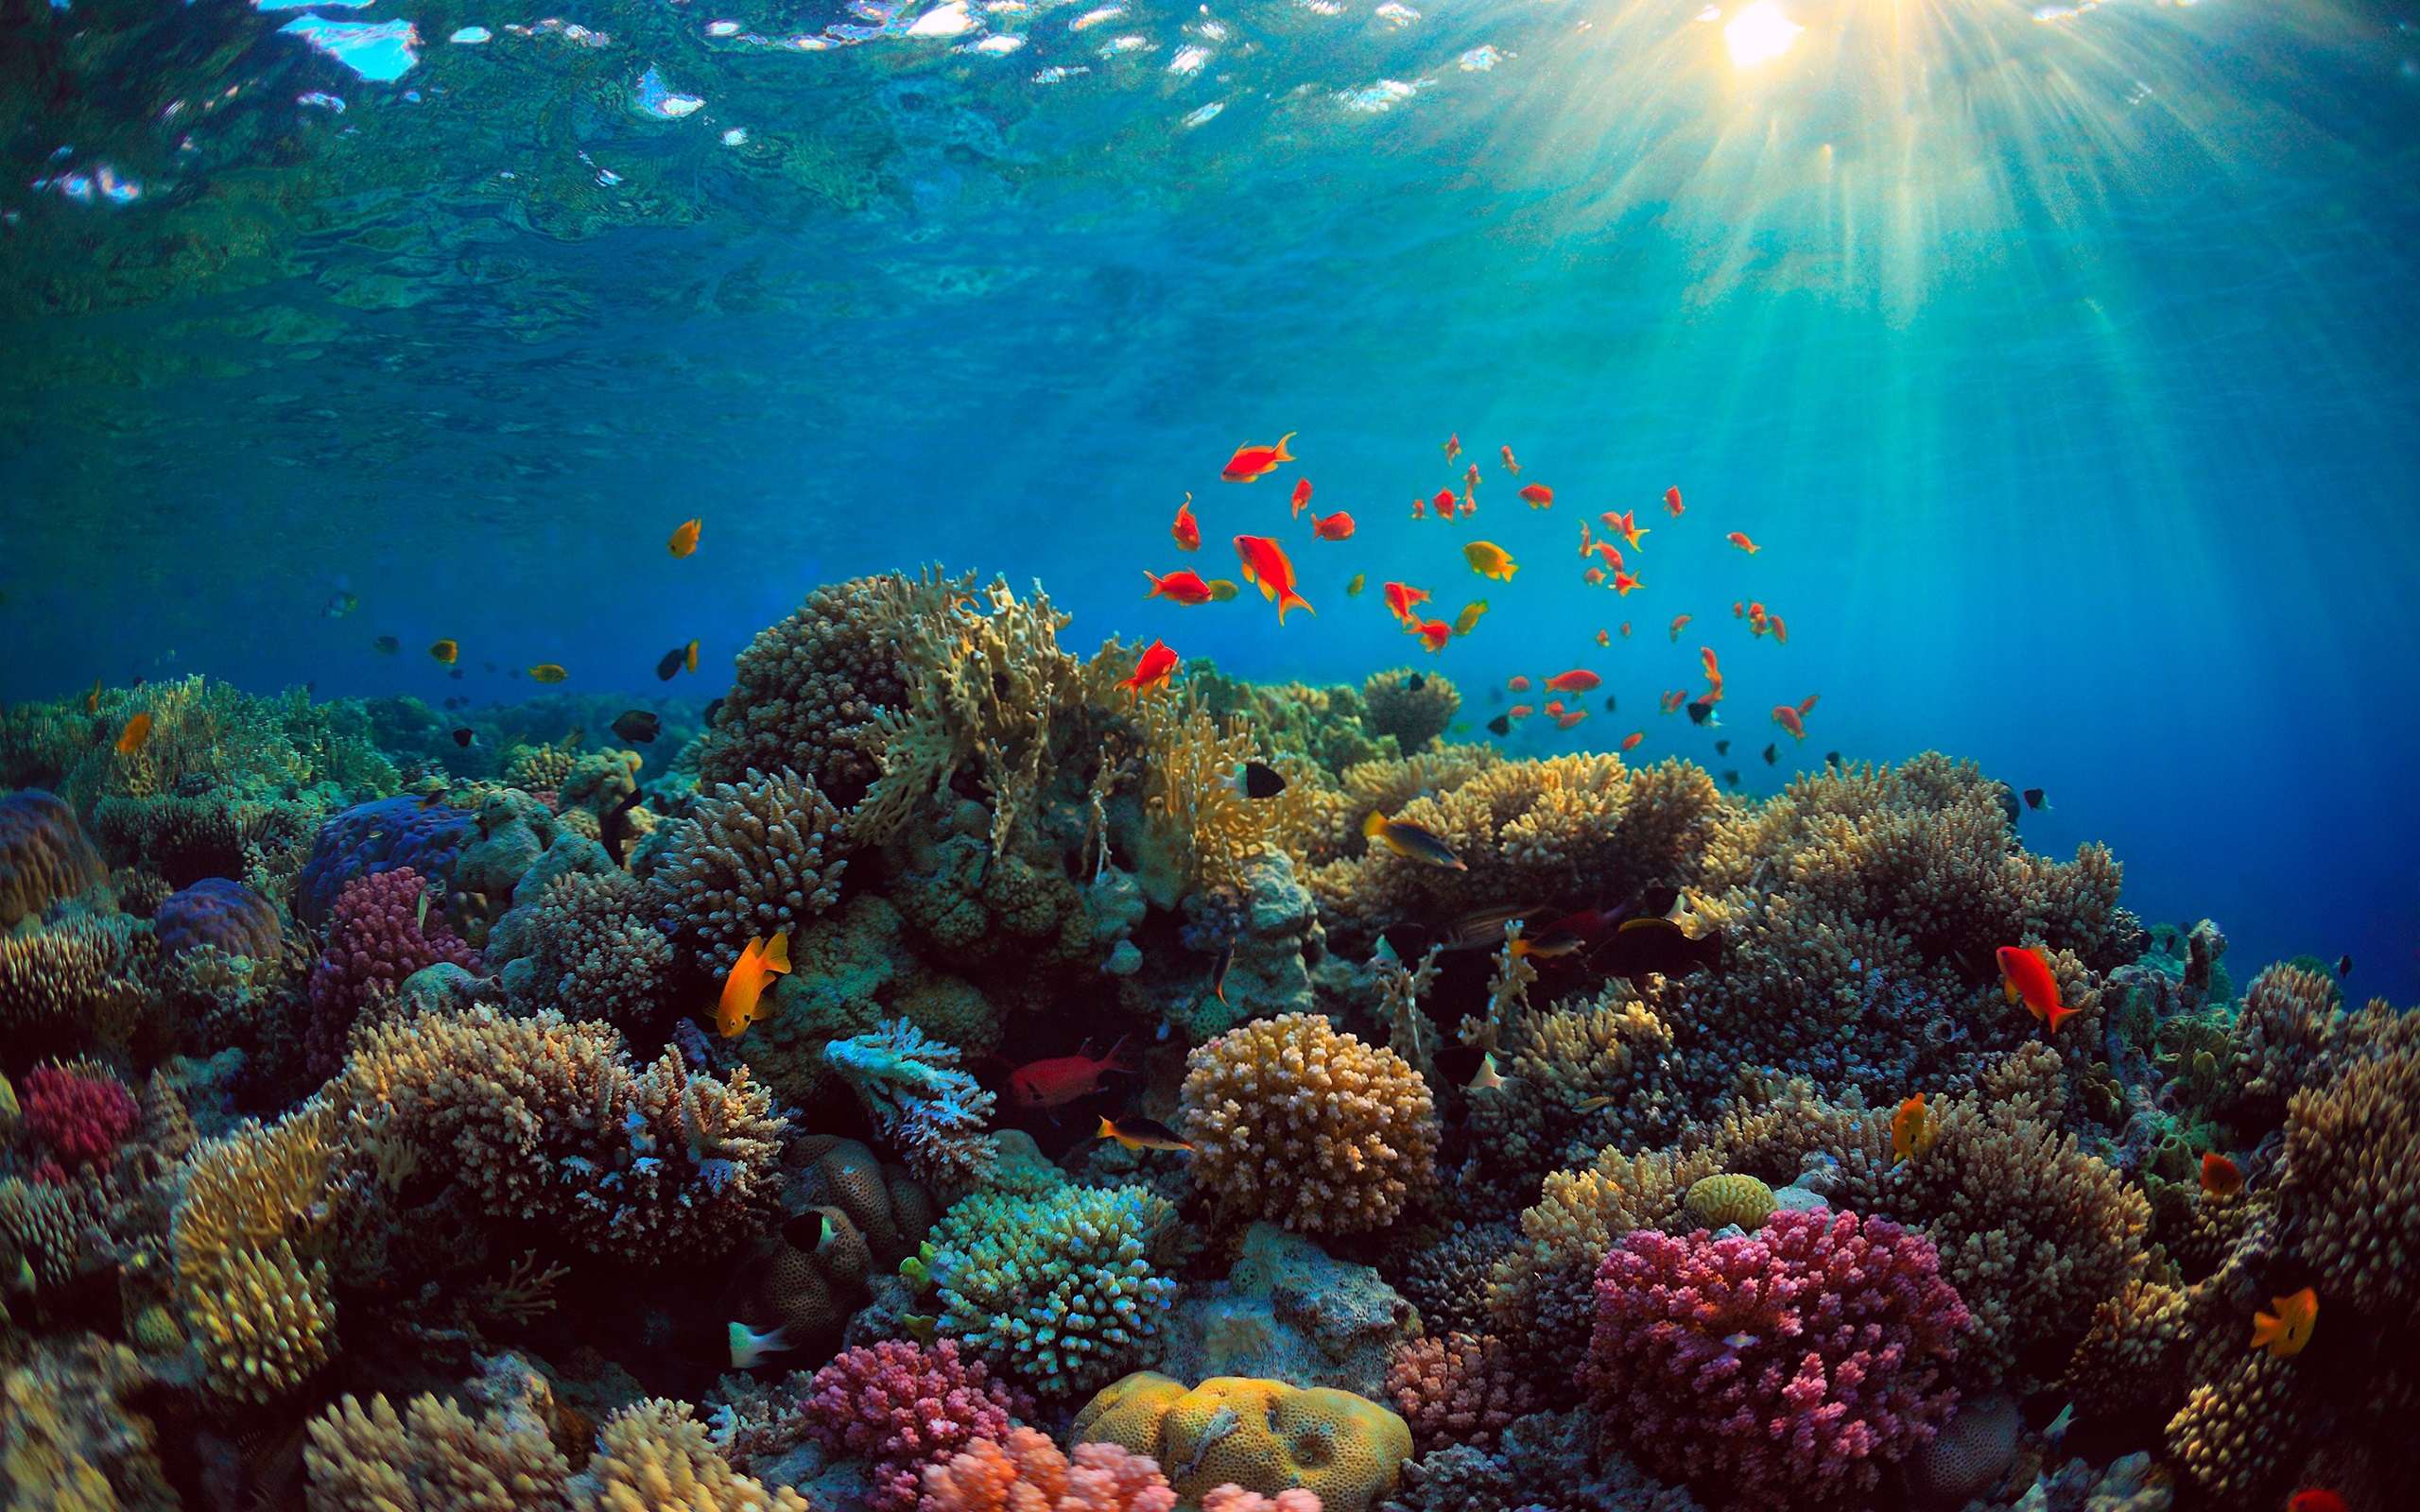 Fondos De Pantalla Mar Corales Peces Bajo El Agua